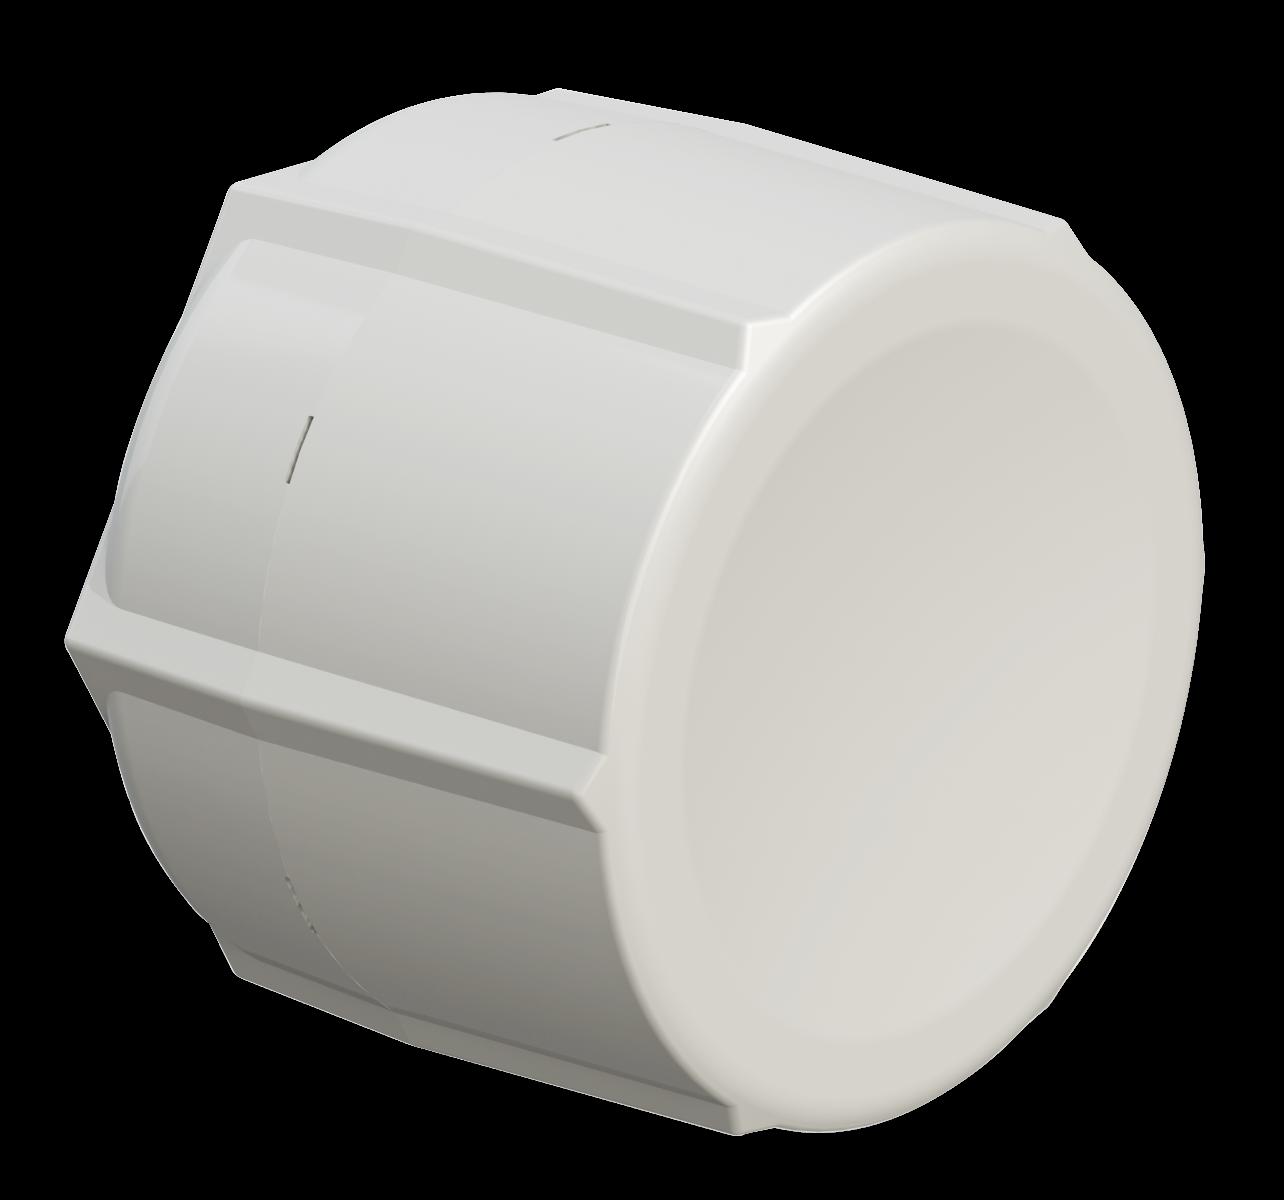 MikroTik RouterBOARD SXT LTE